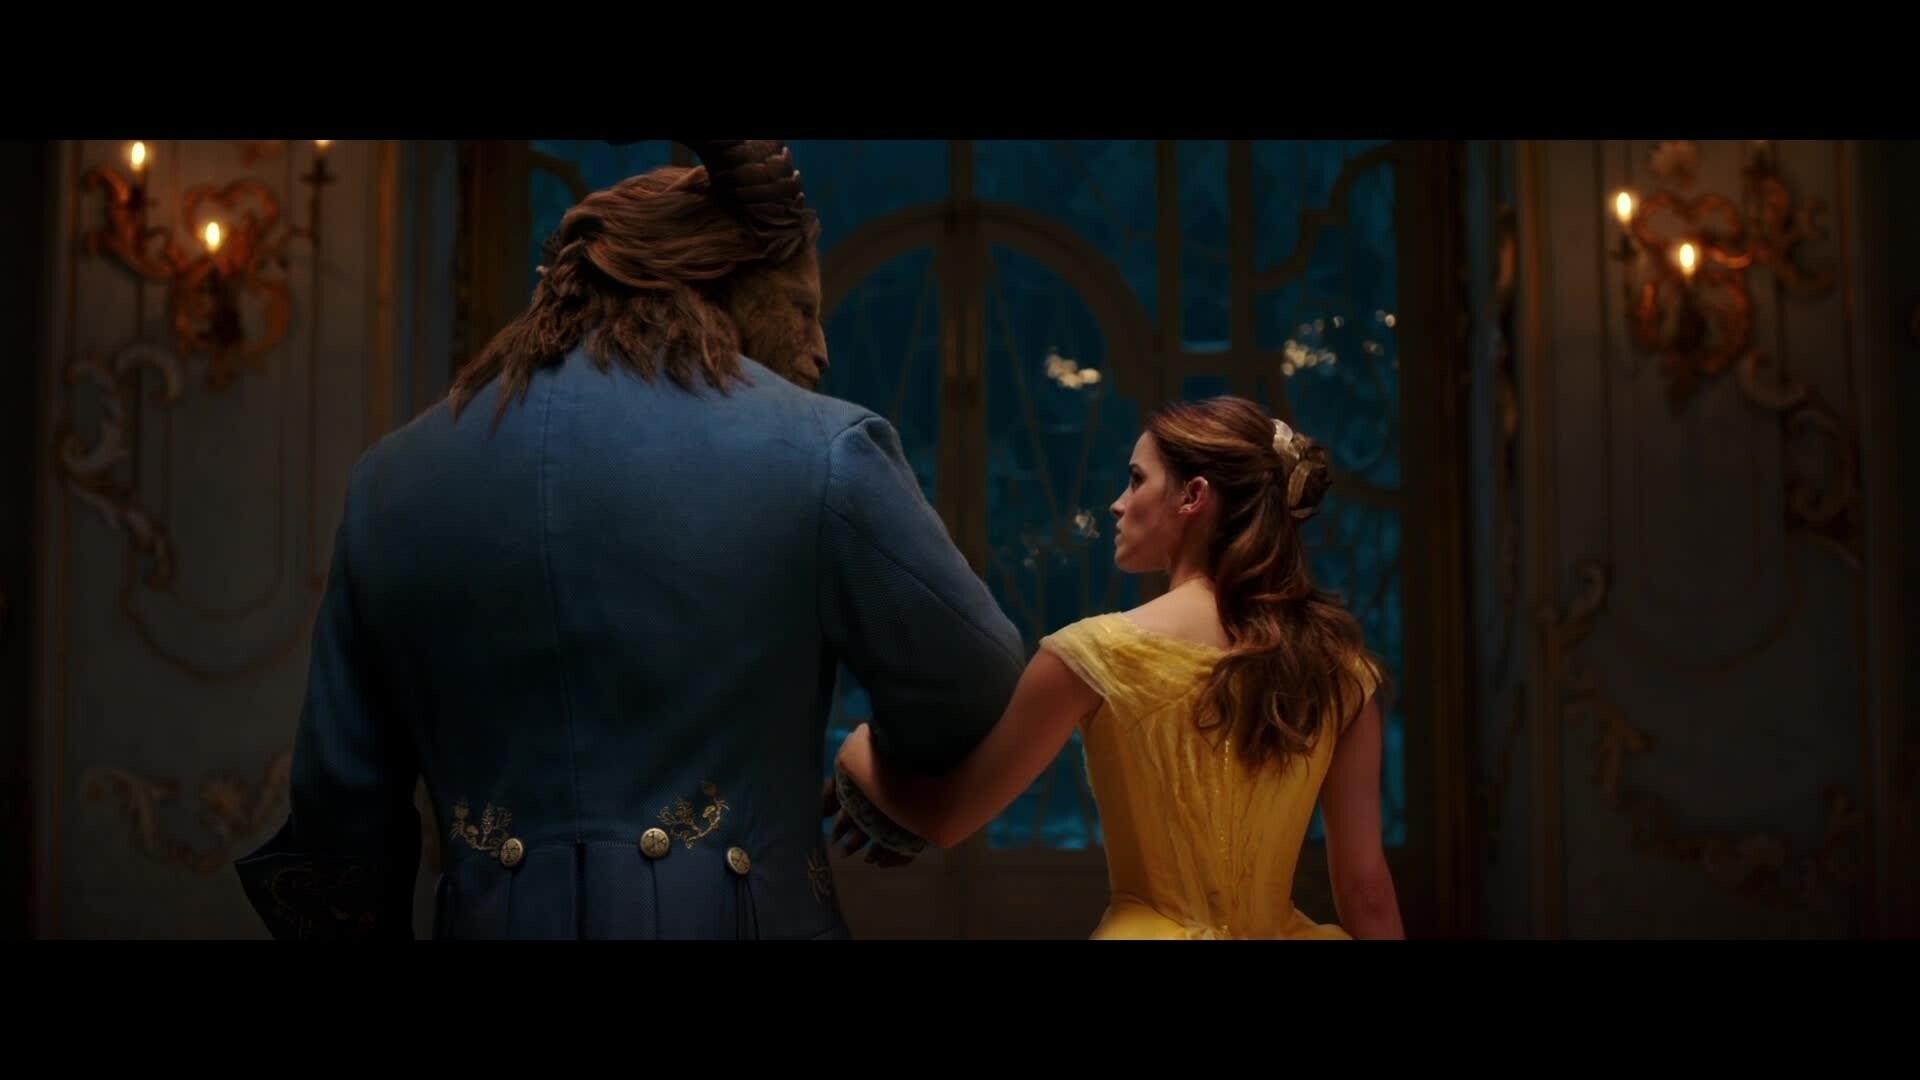 La Belle et la Bête - Troisième bande-annonce